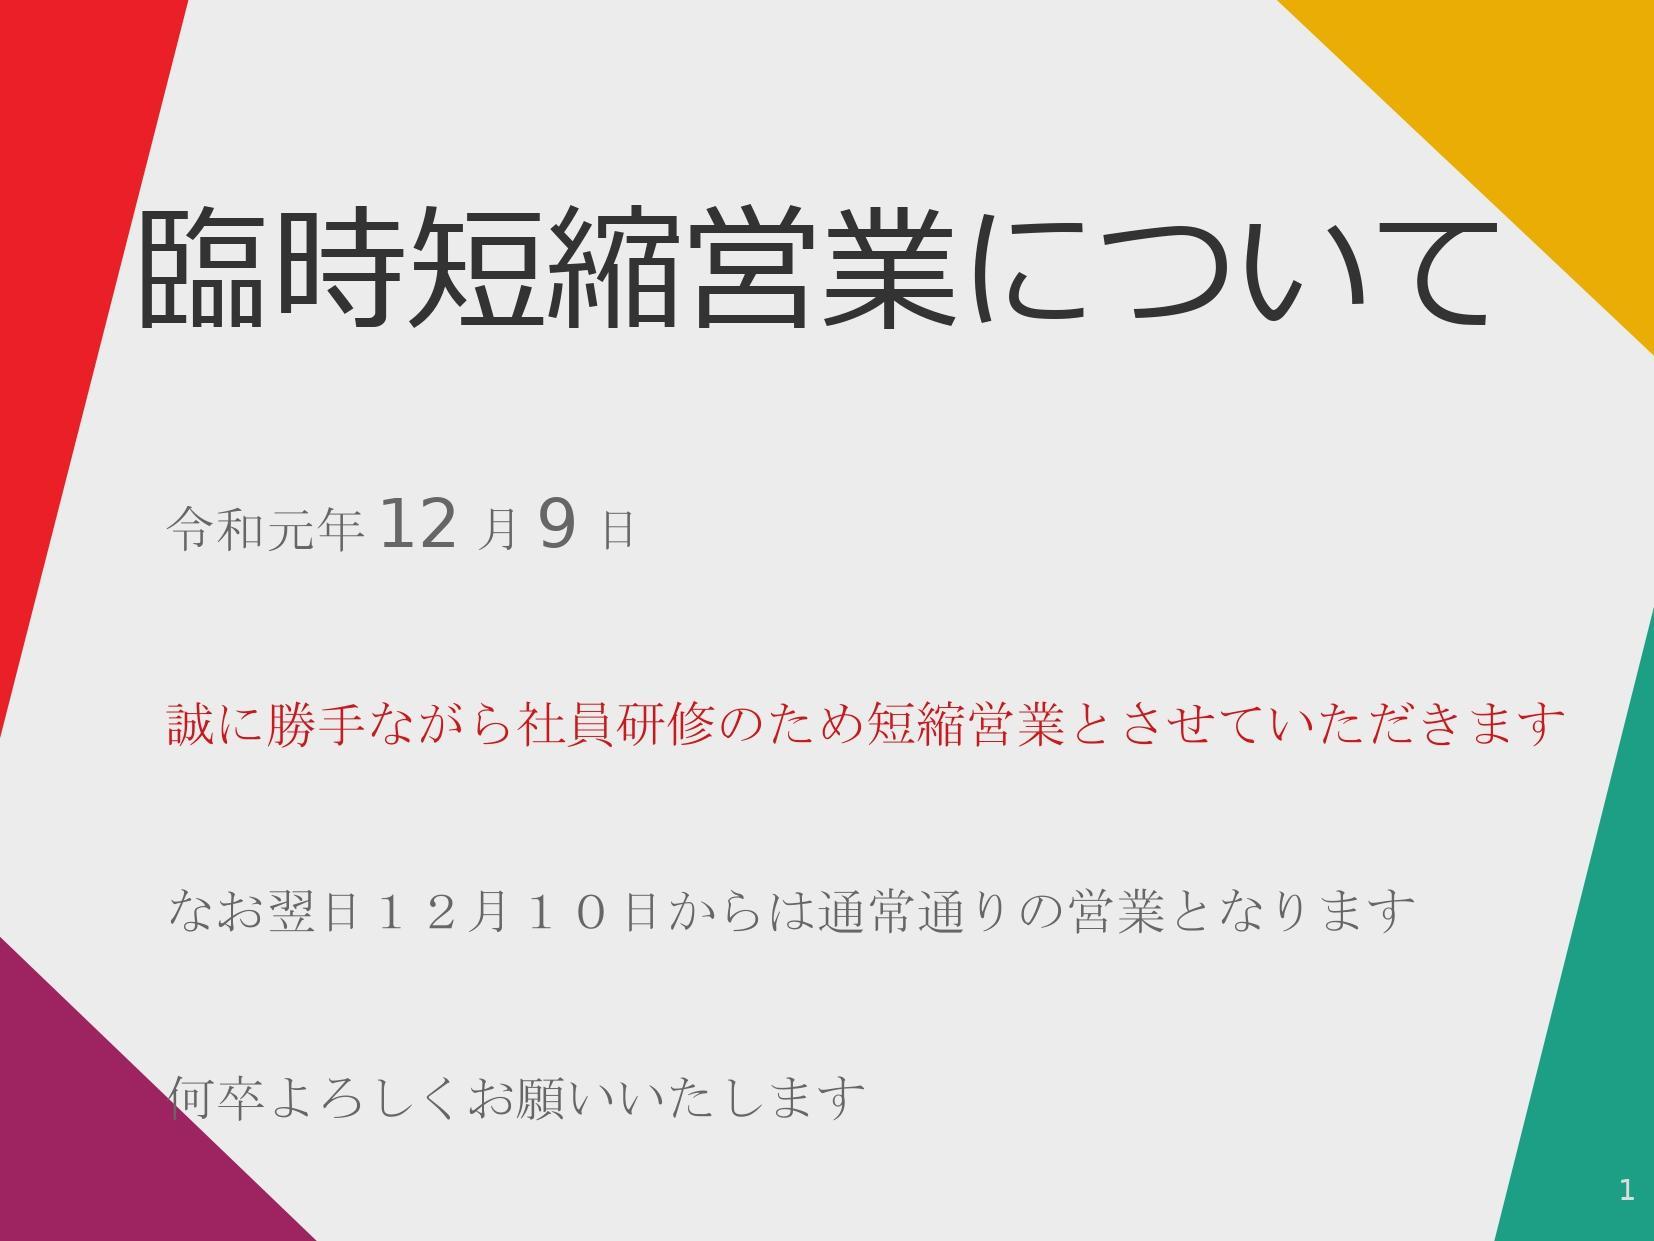 短縮営業パワポ_page-0001.jpg